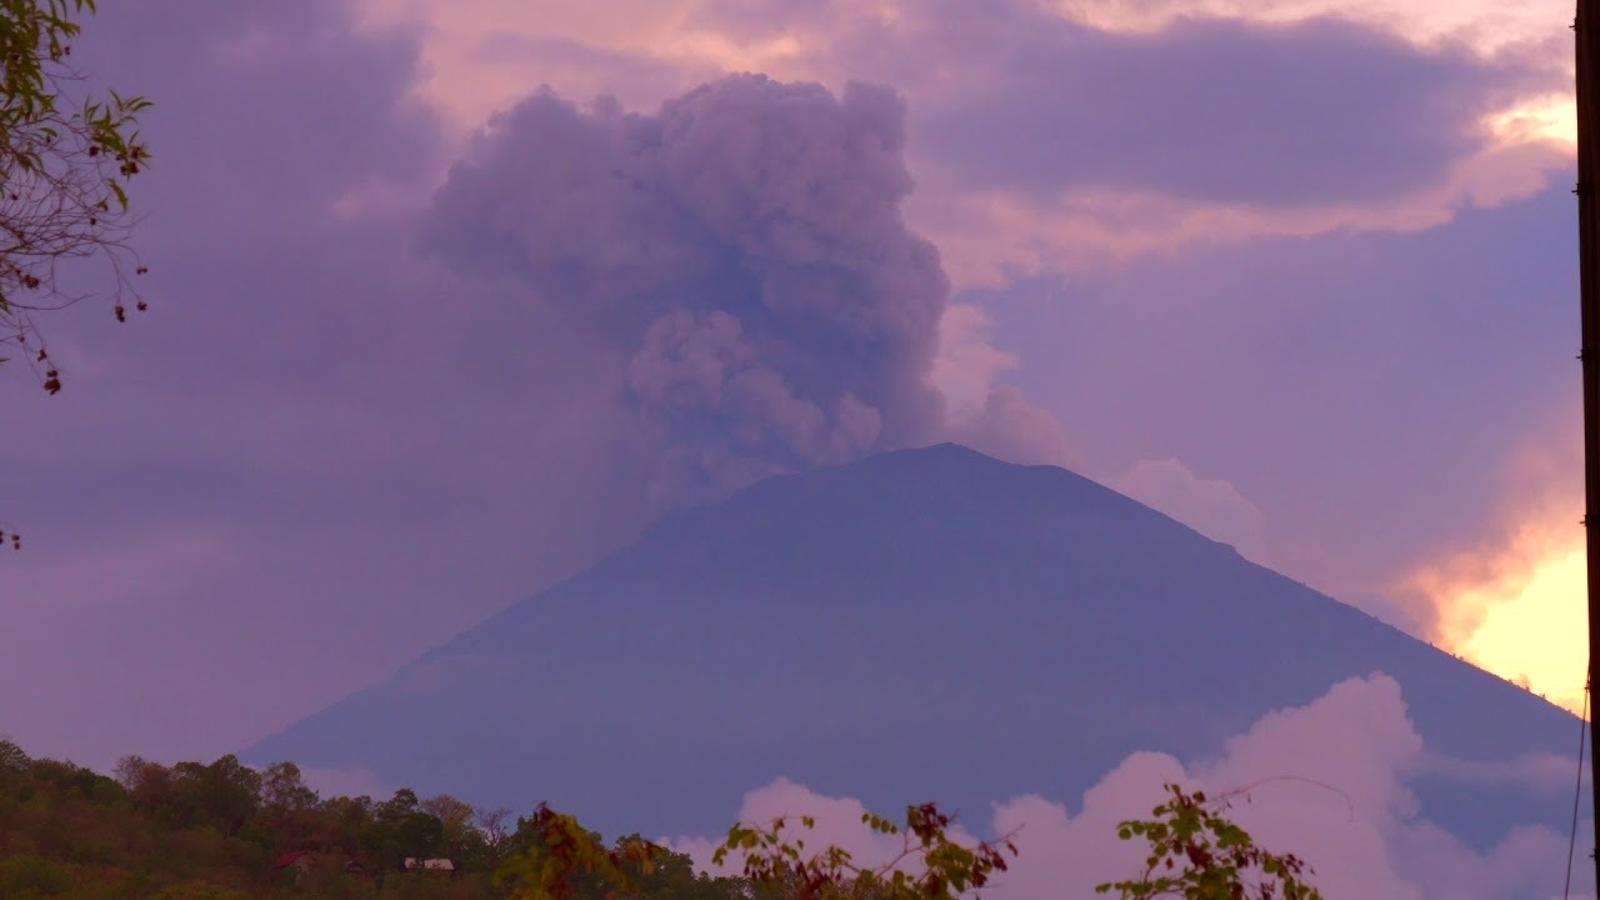 Una càmera enregistra l'erupció del volcà Augung d'aquest dissabte